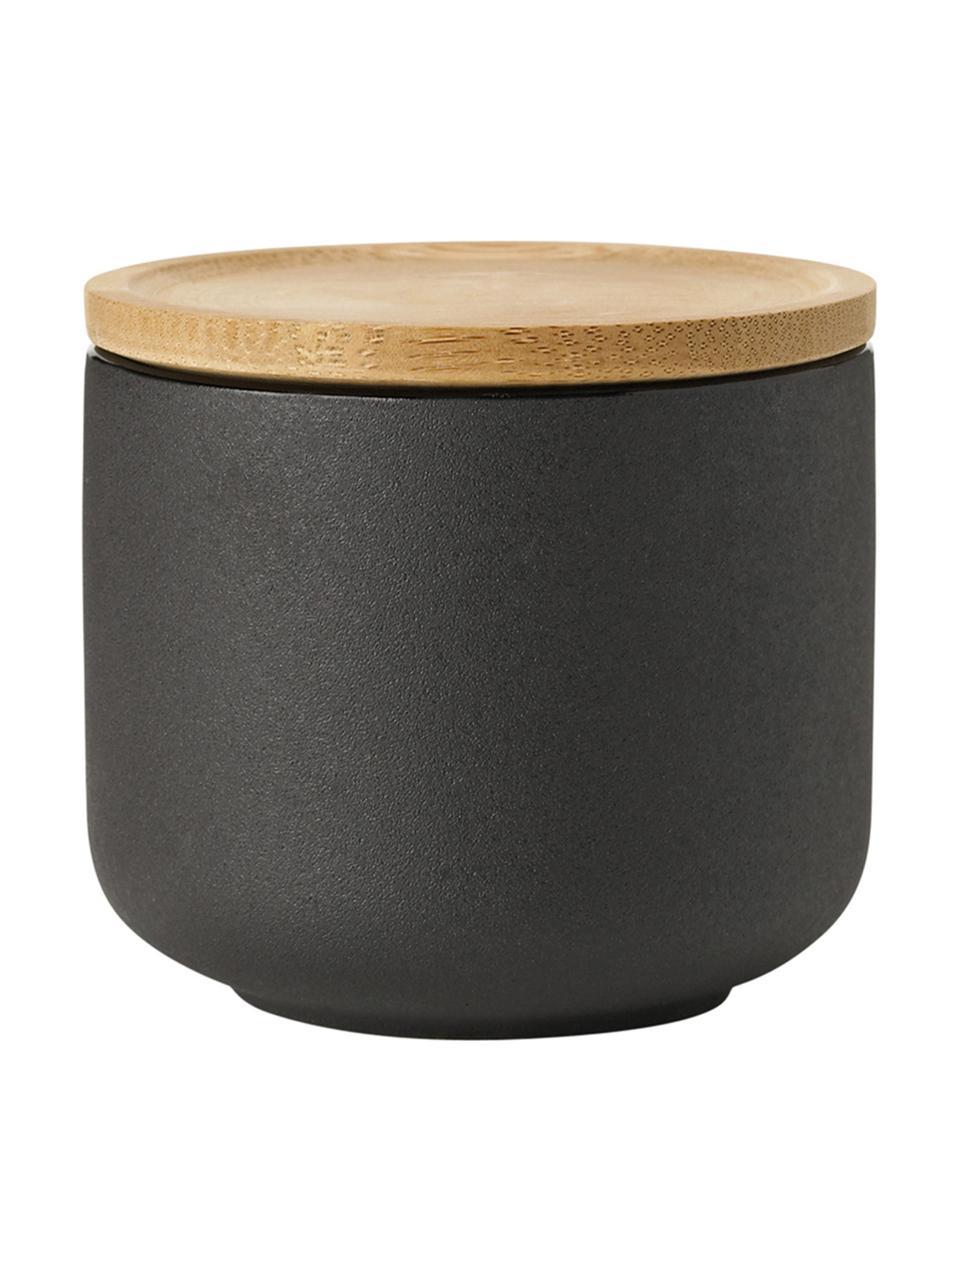 Becher Theo in Schwarz mit Deckel/Untersetzer, Becher: Feinsteinzeug, Deckel: Bambus, Schwarz, Ø 9 cm